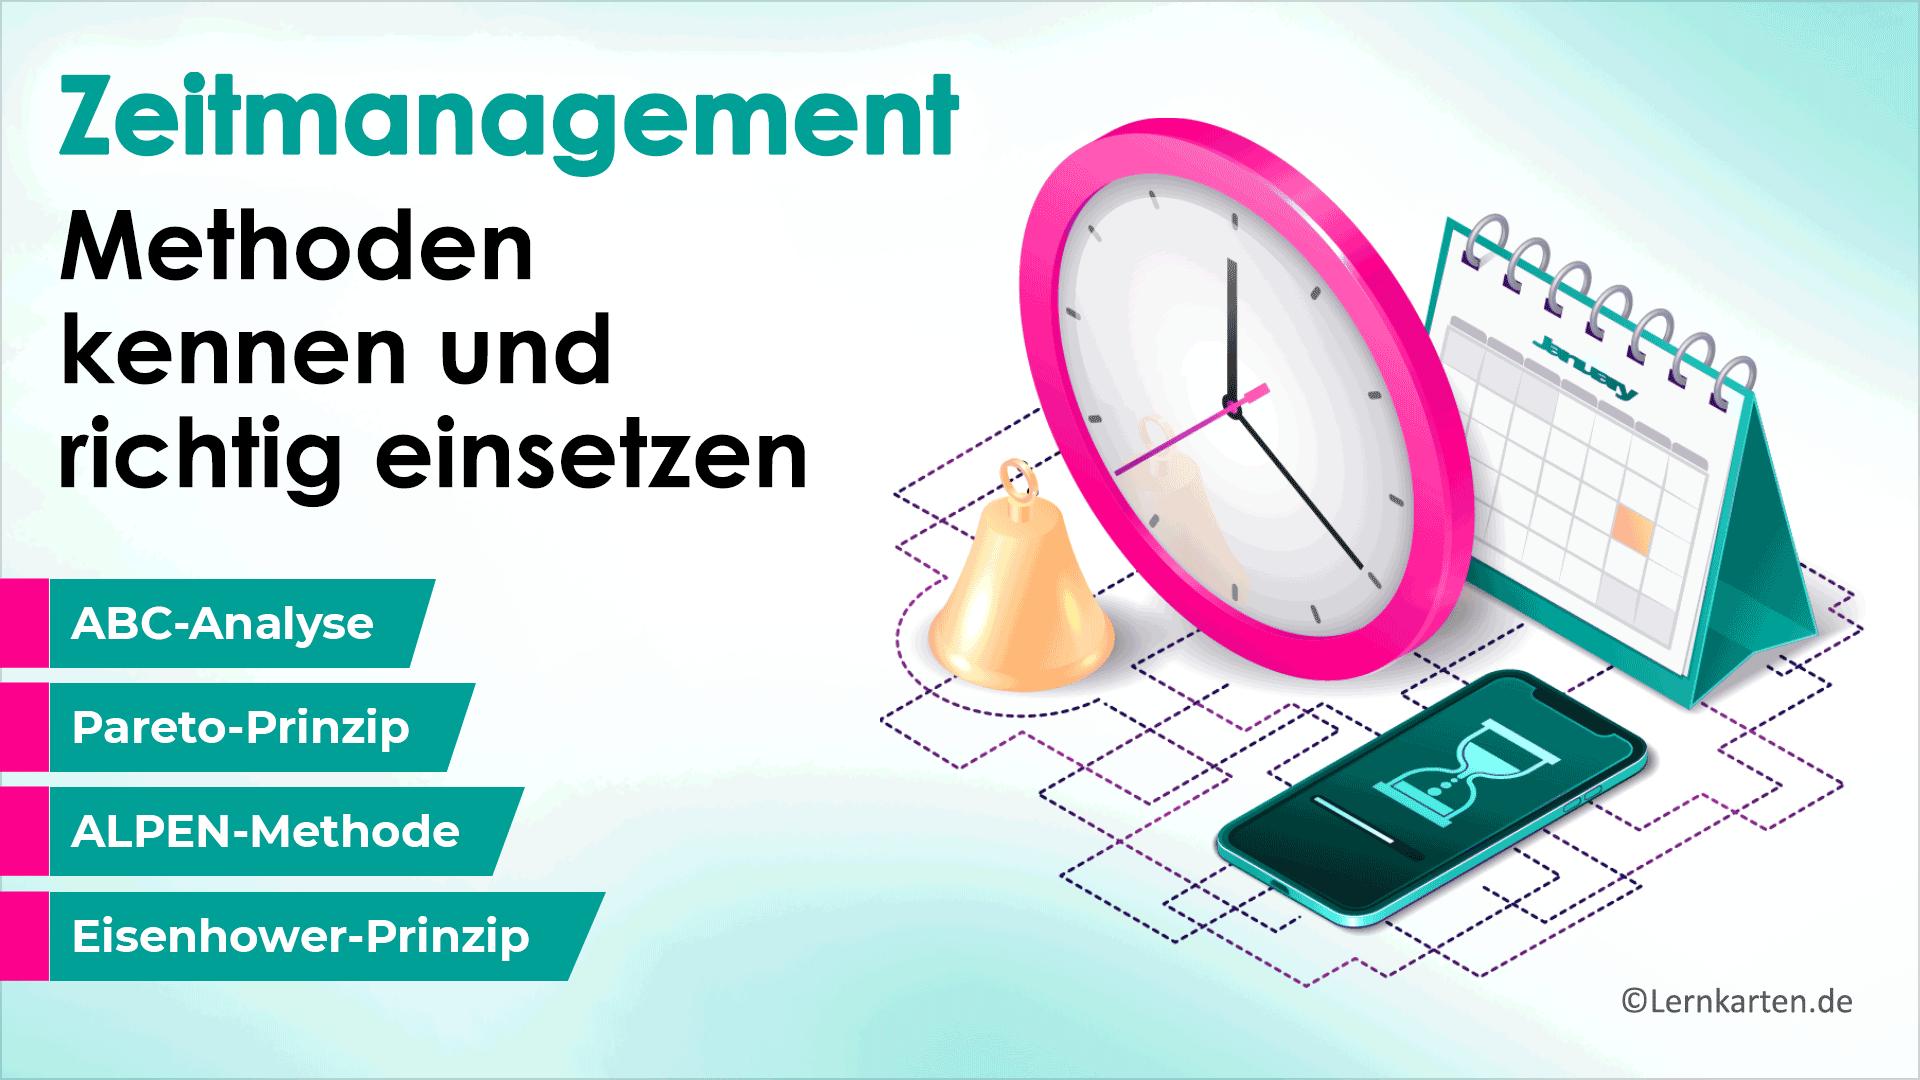 Zeitmanagement Selbstmanagement Handelsfachwirt Fachwirte Lernkarten Handelsfachwirt IHK Prüfung Vorbereitung App IOS Android